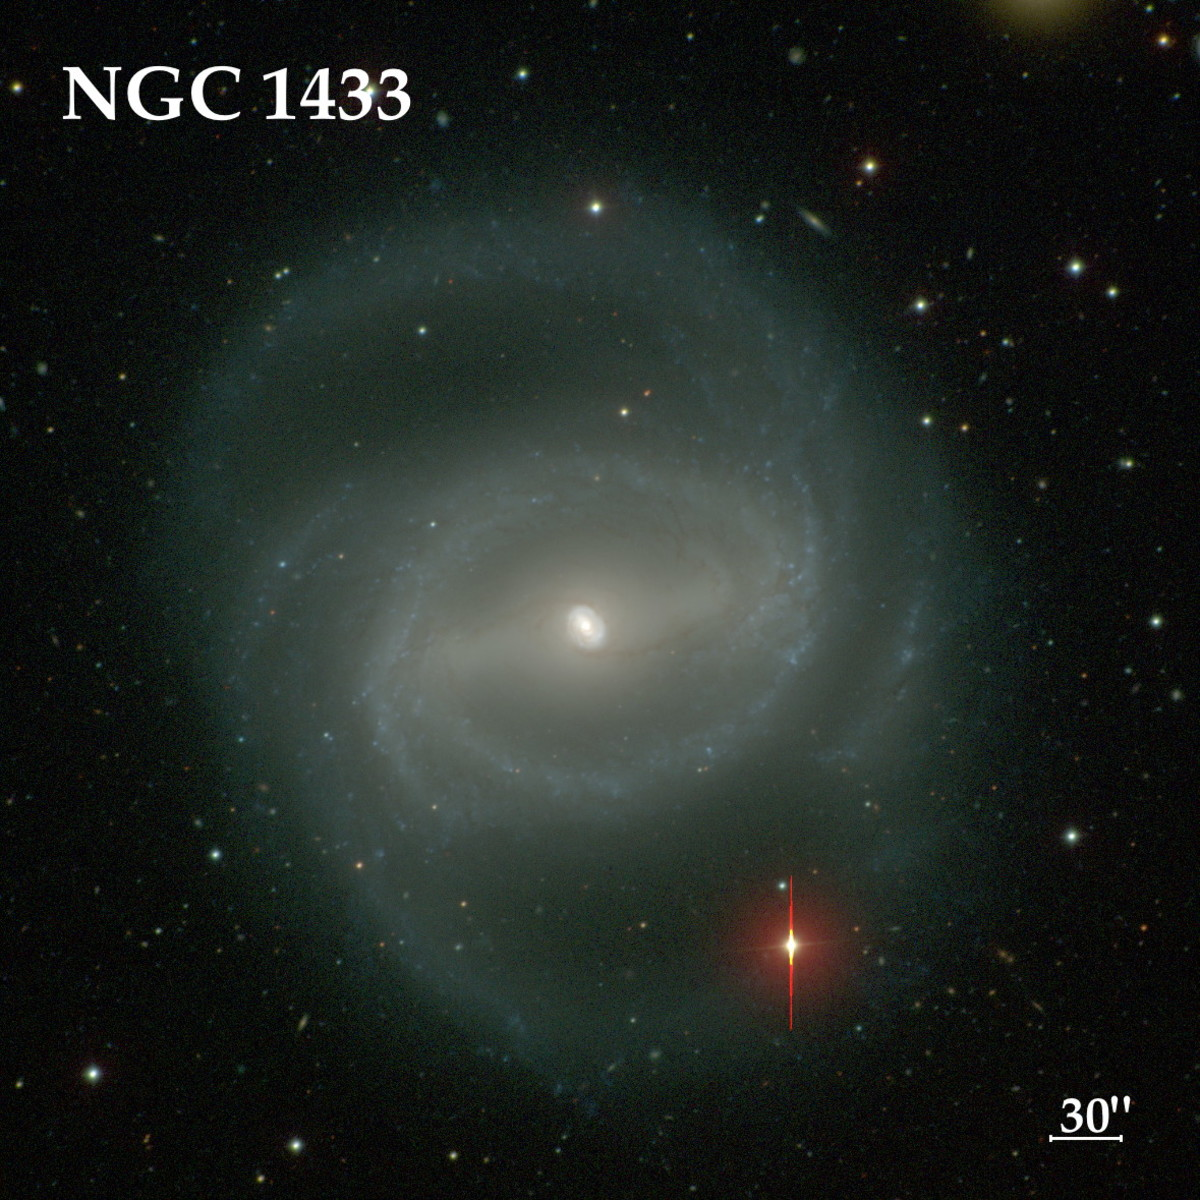 NGC 1433